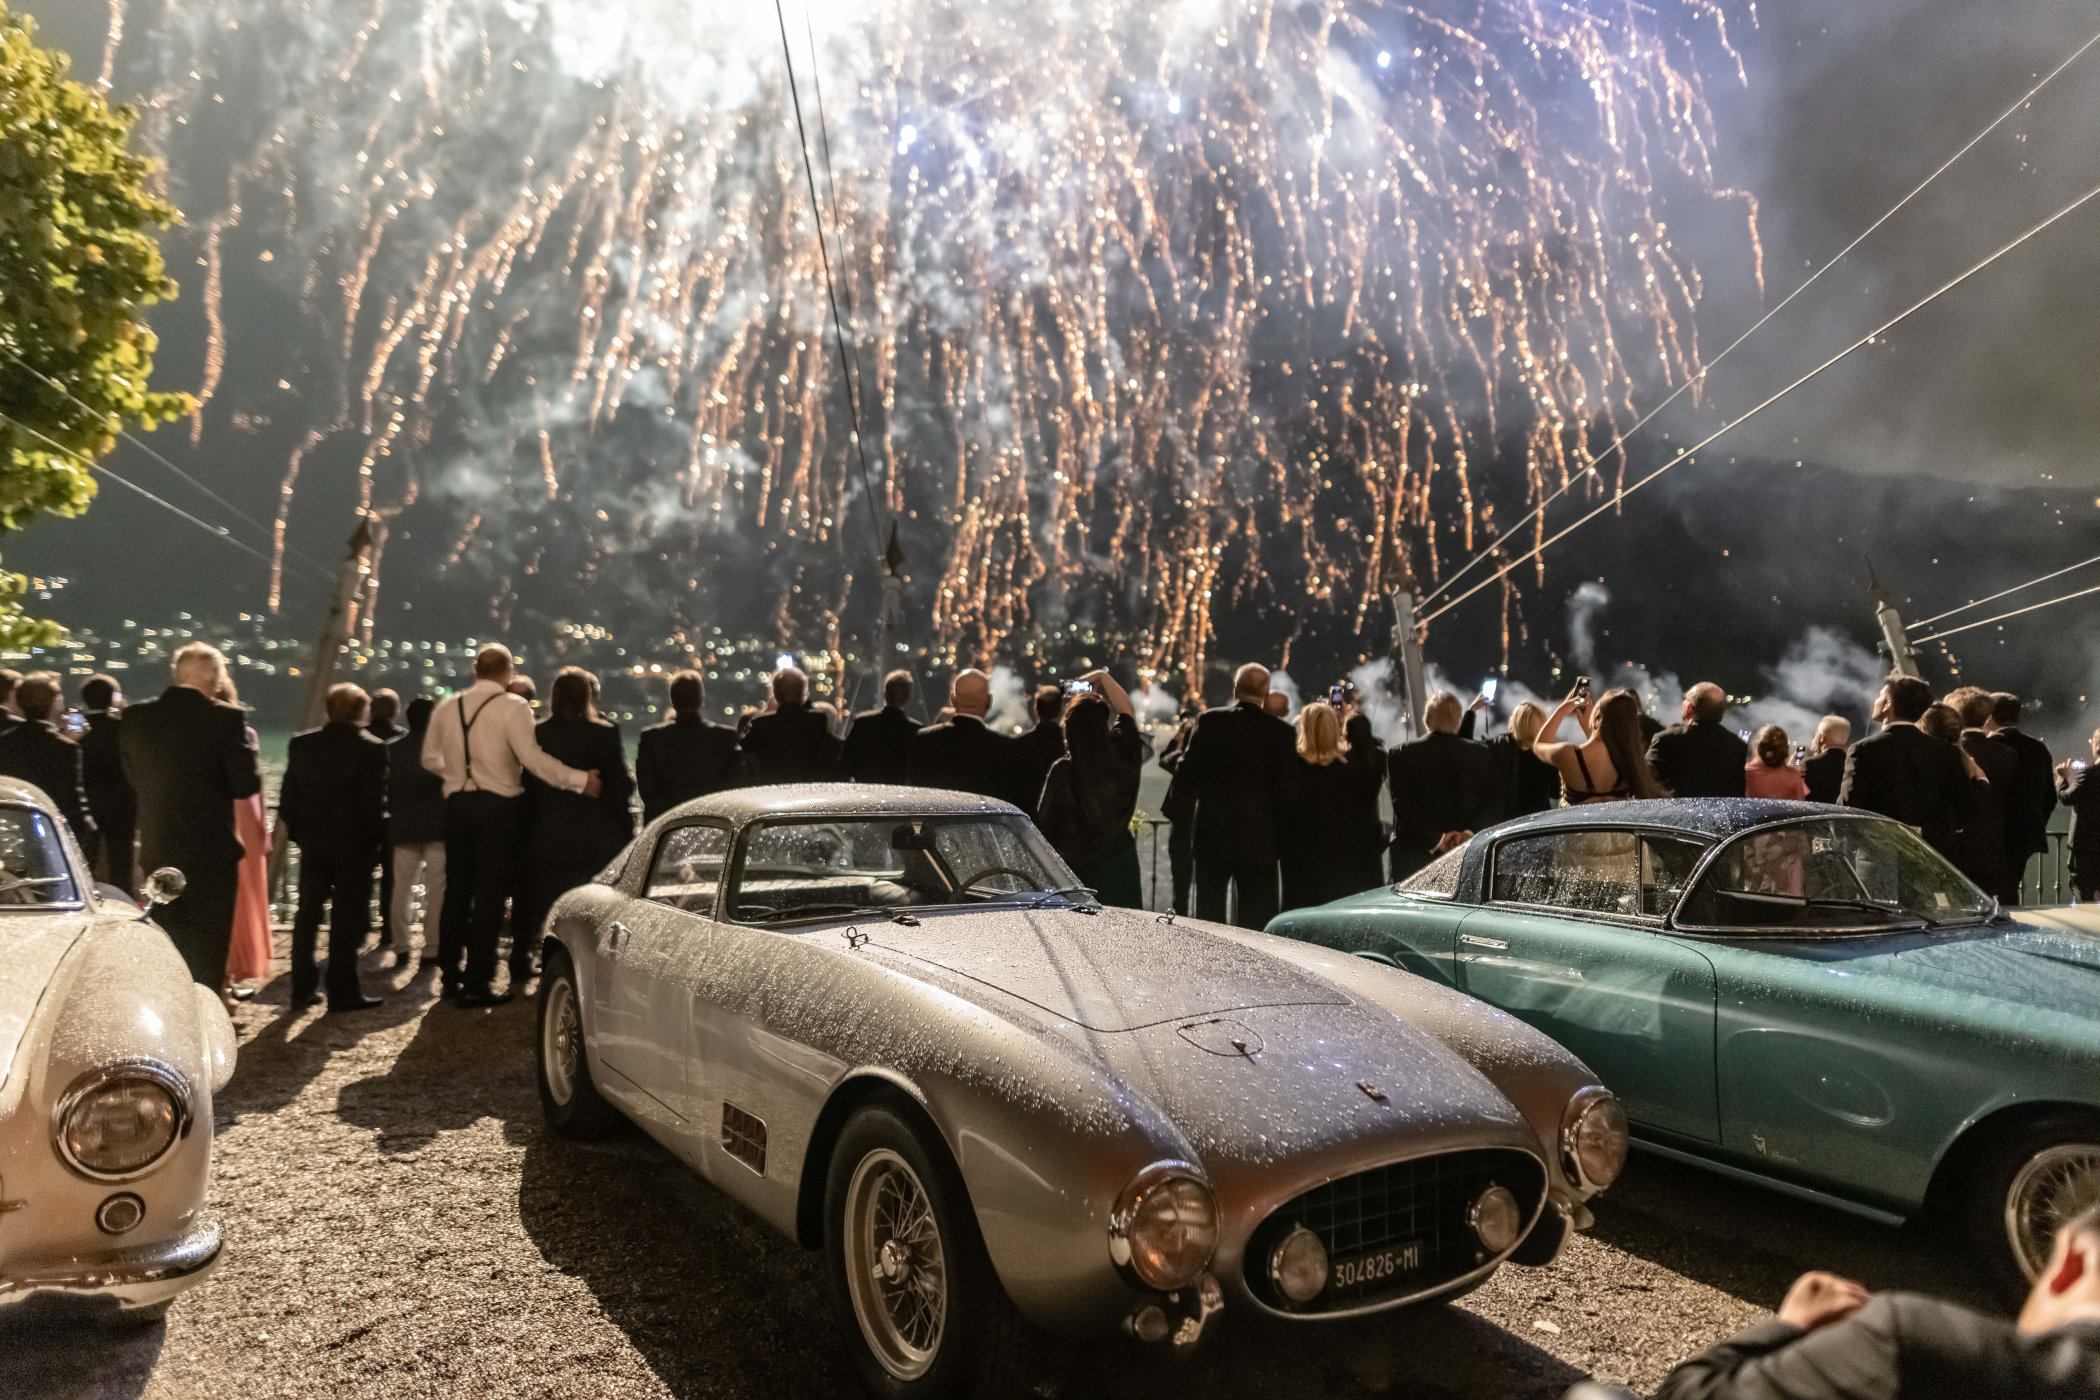 Concorso d'Eleganza Villa d'Este 2021 A. Lange & Söhne 1953 Ferrari 250 GT TdF Best of Show 2